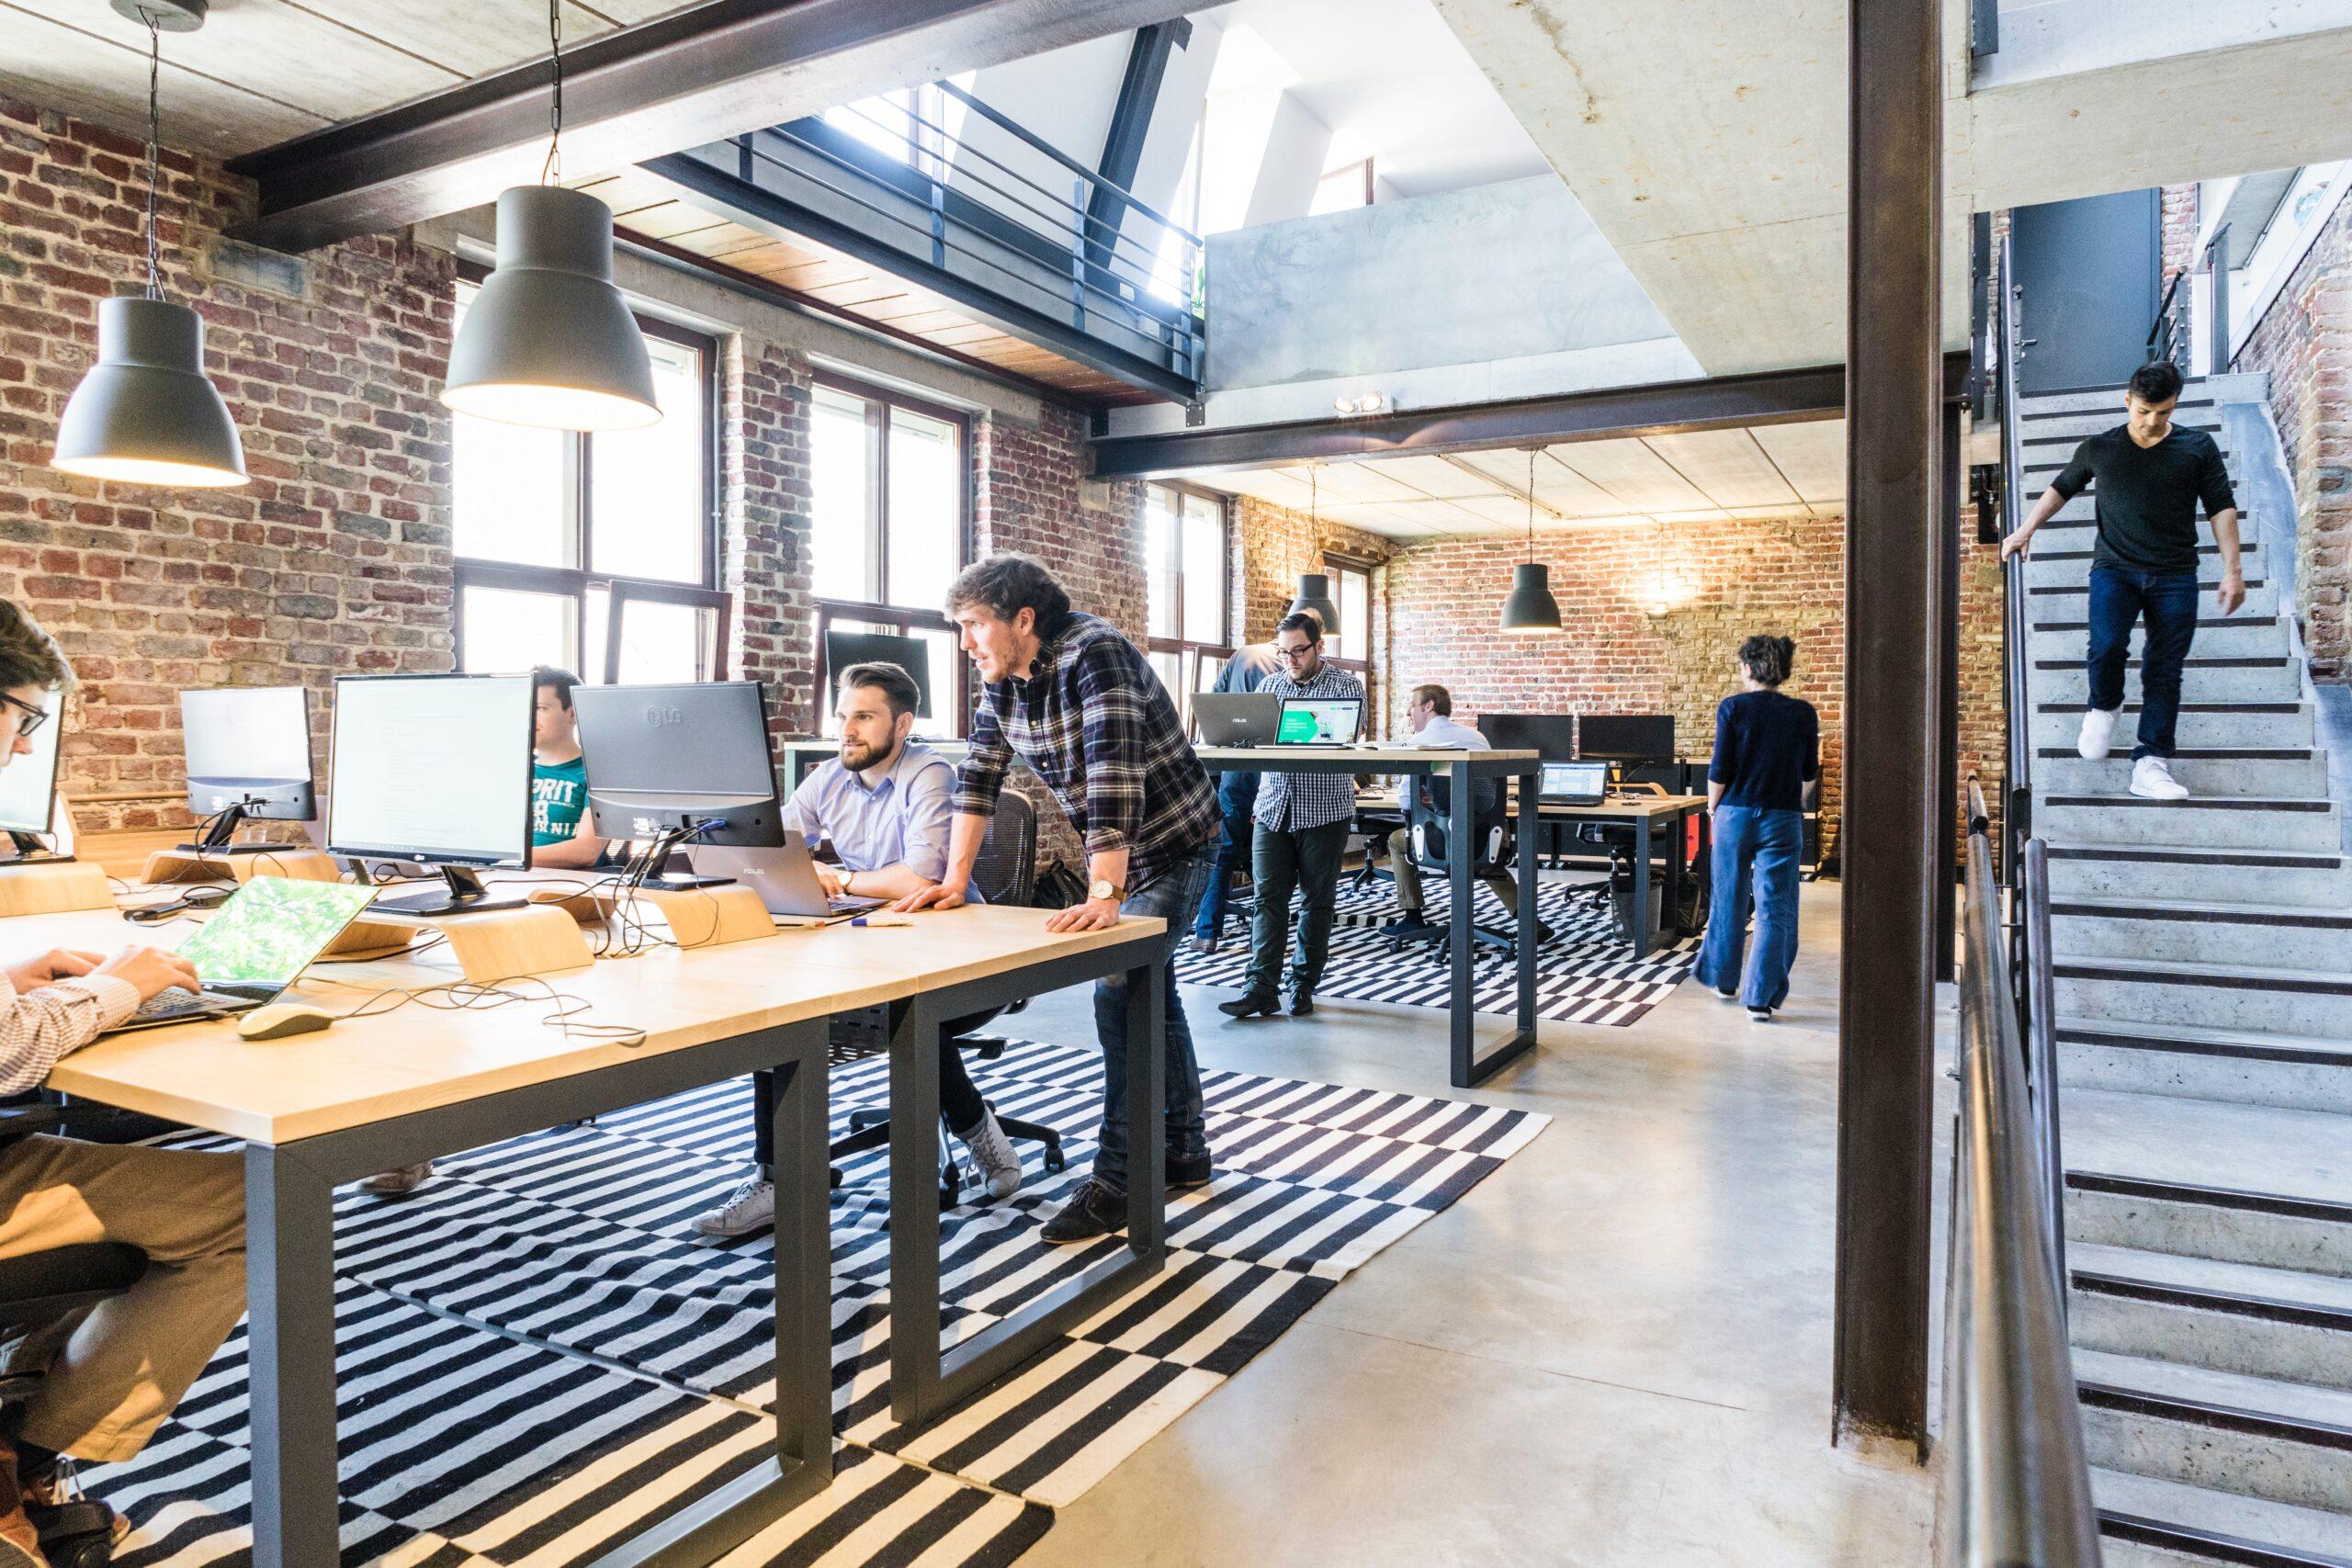 Oficinas para startups en Brasil